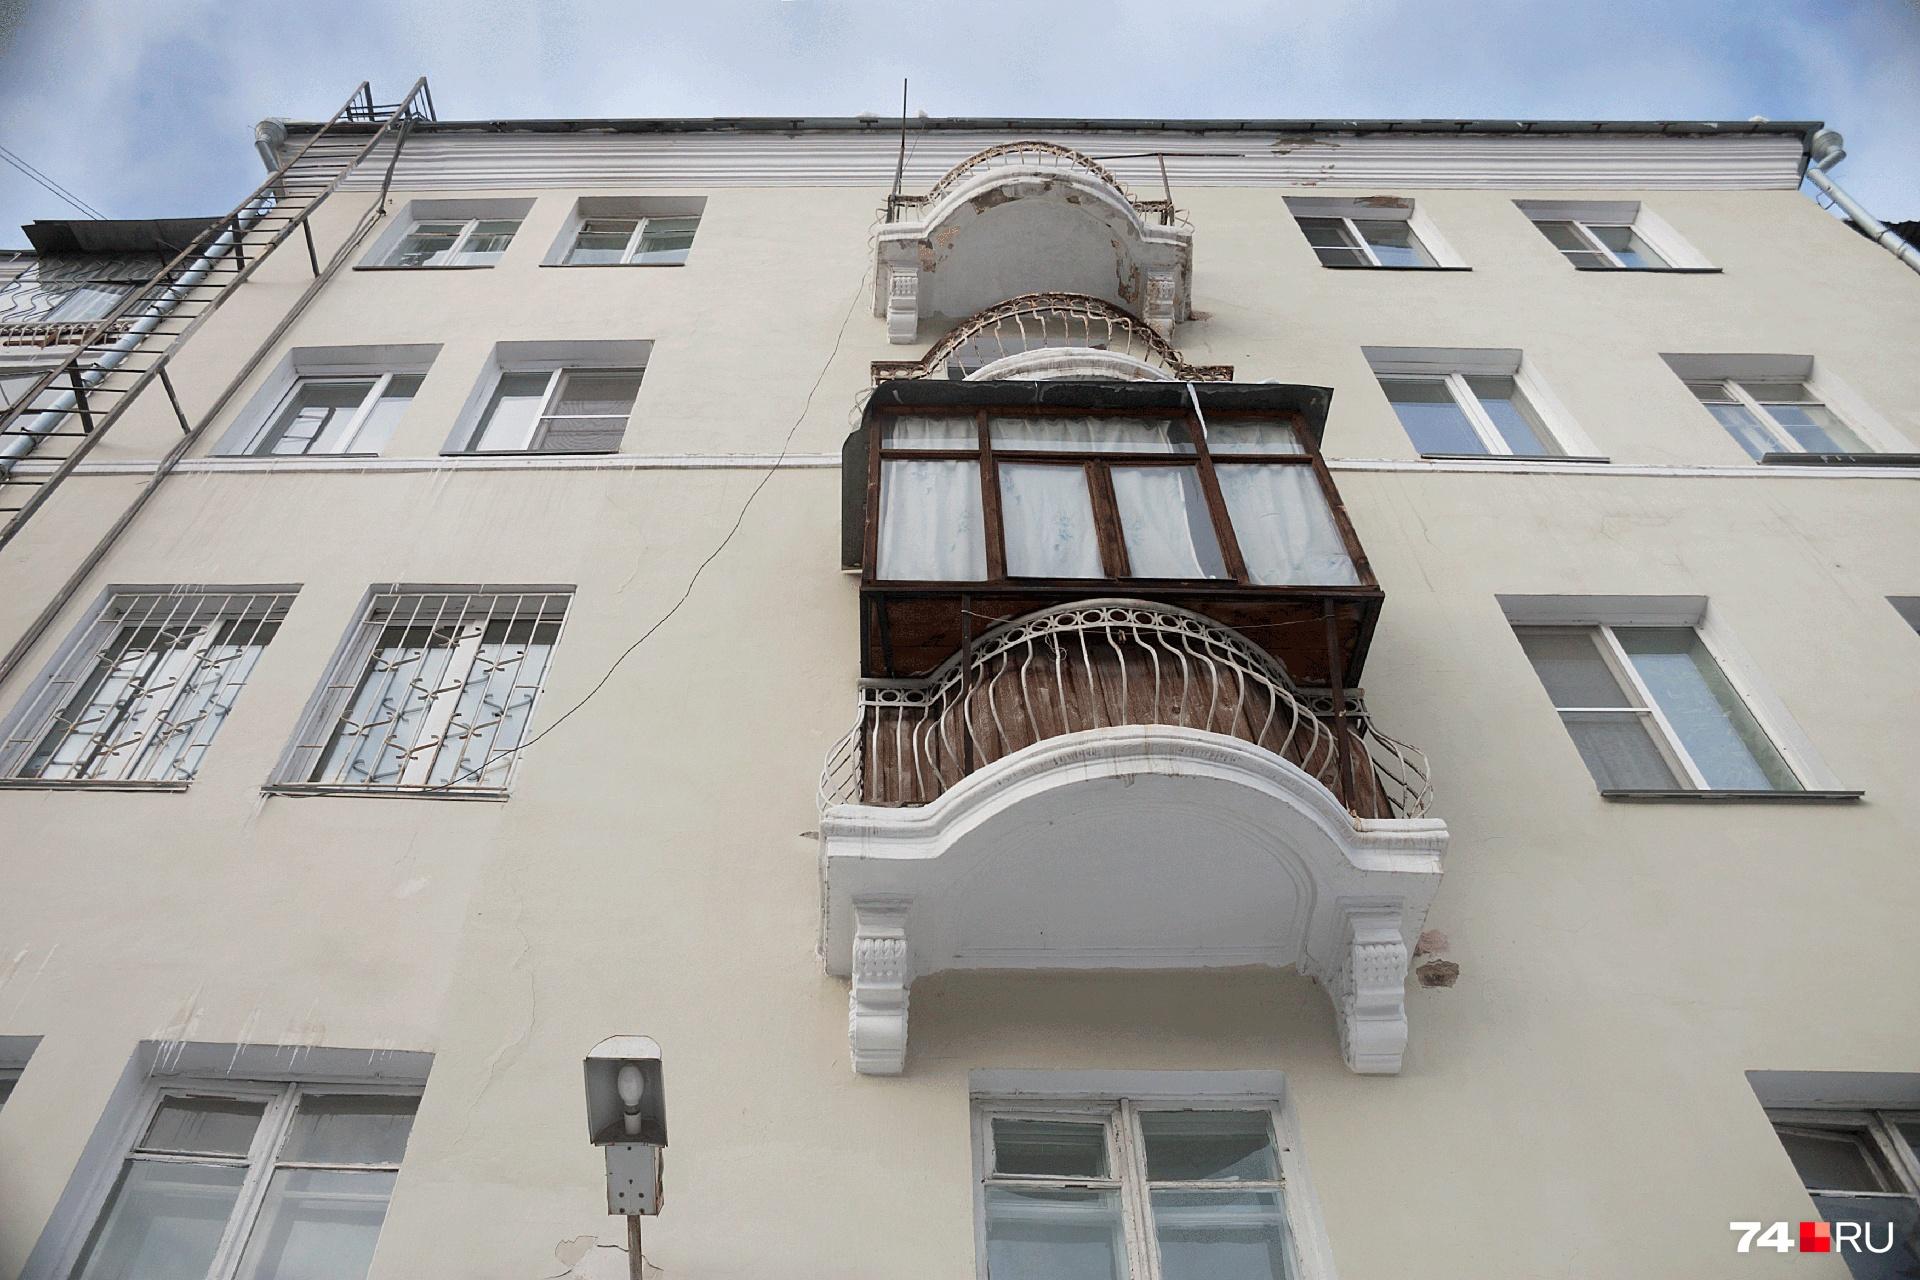 Увеличенные балконы еще и внешний вид фасада портят